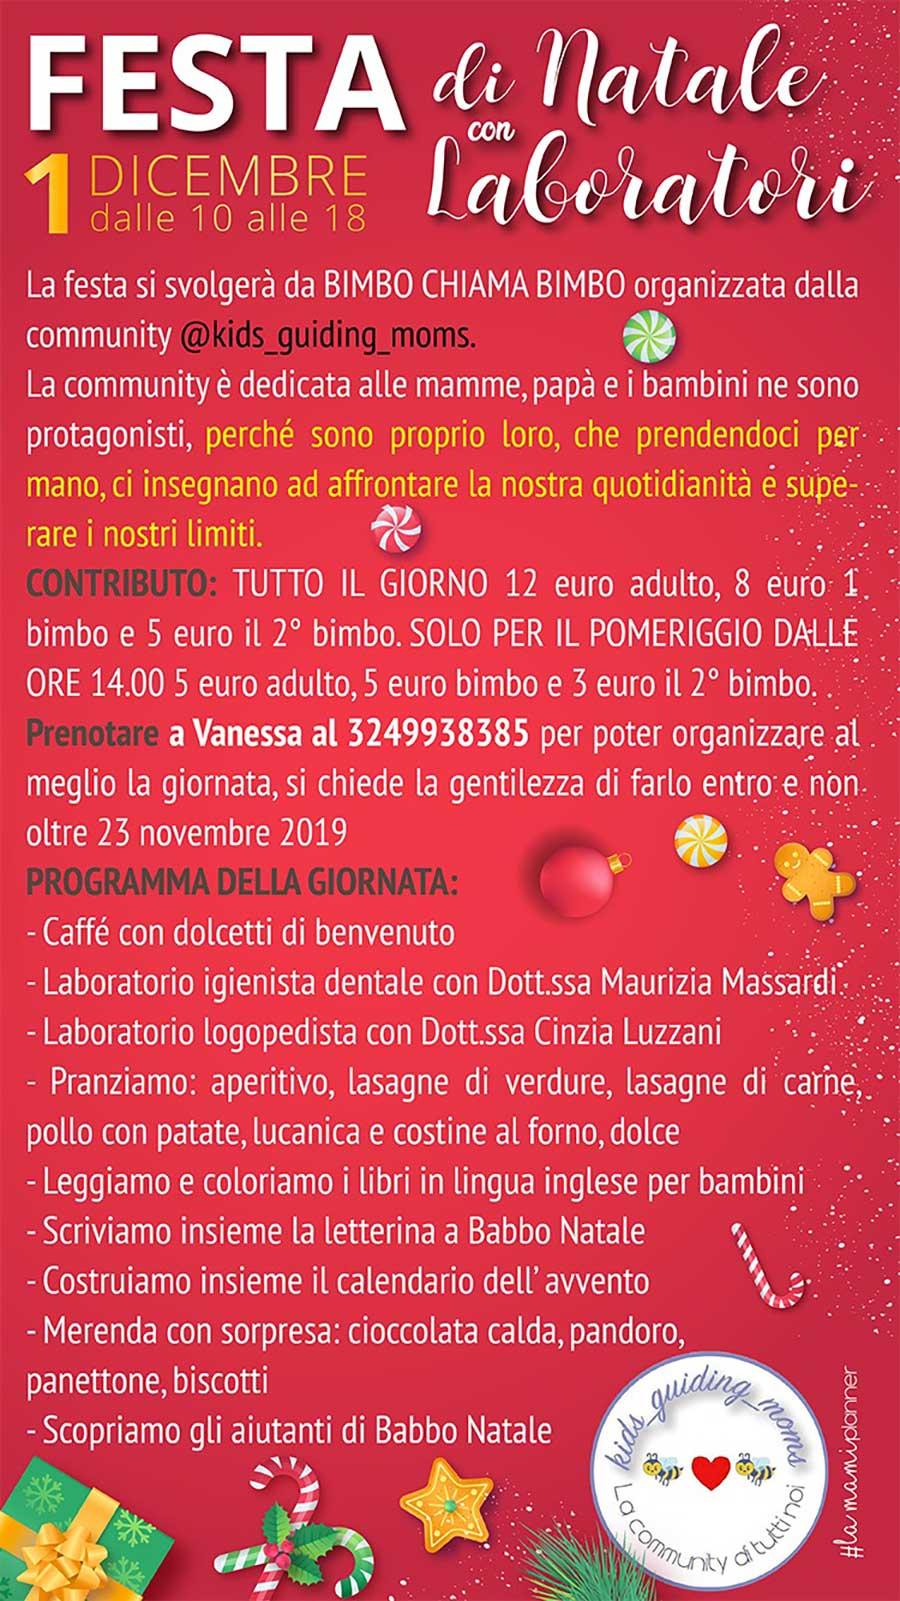 festa-di-natale-2019-kidsguiding-moms